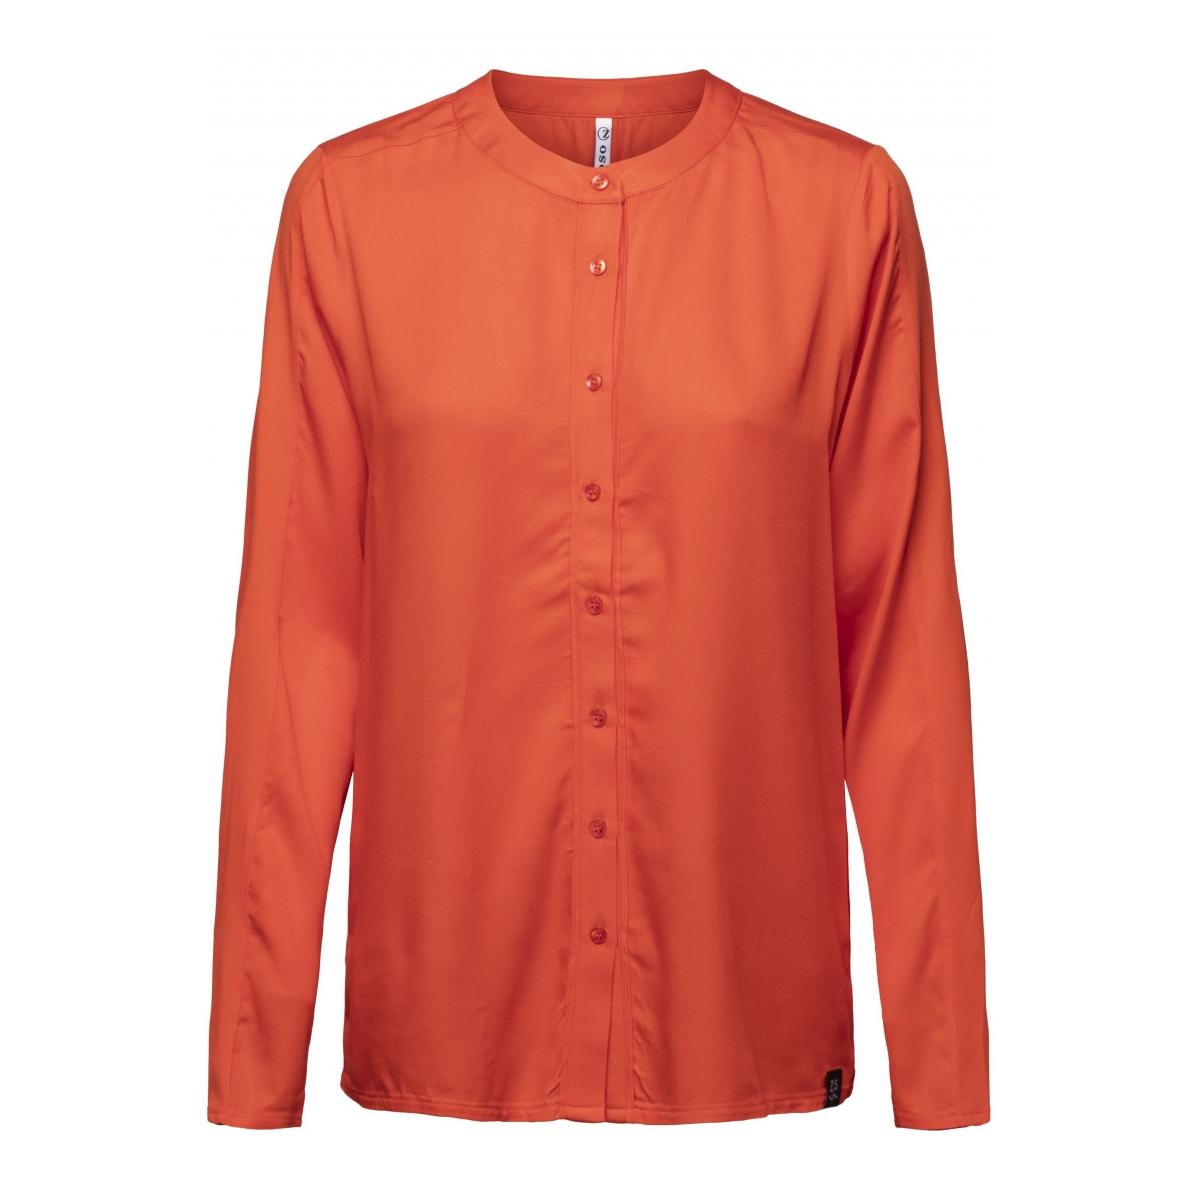 emily woven blouse 194 zoso blouse orange